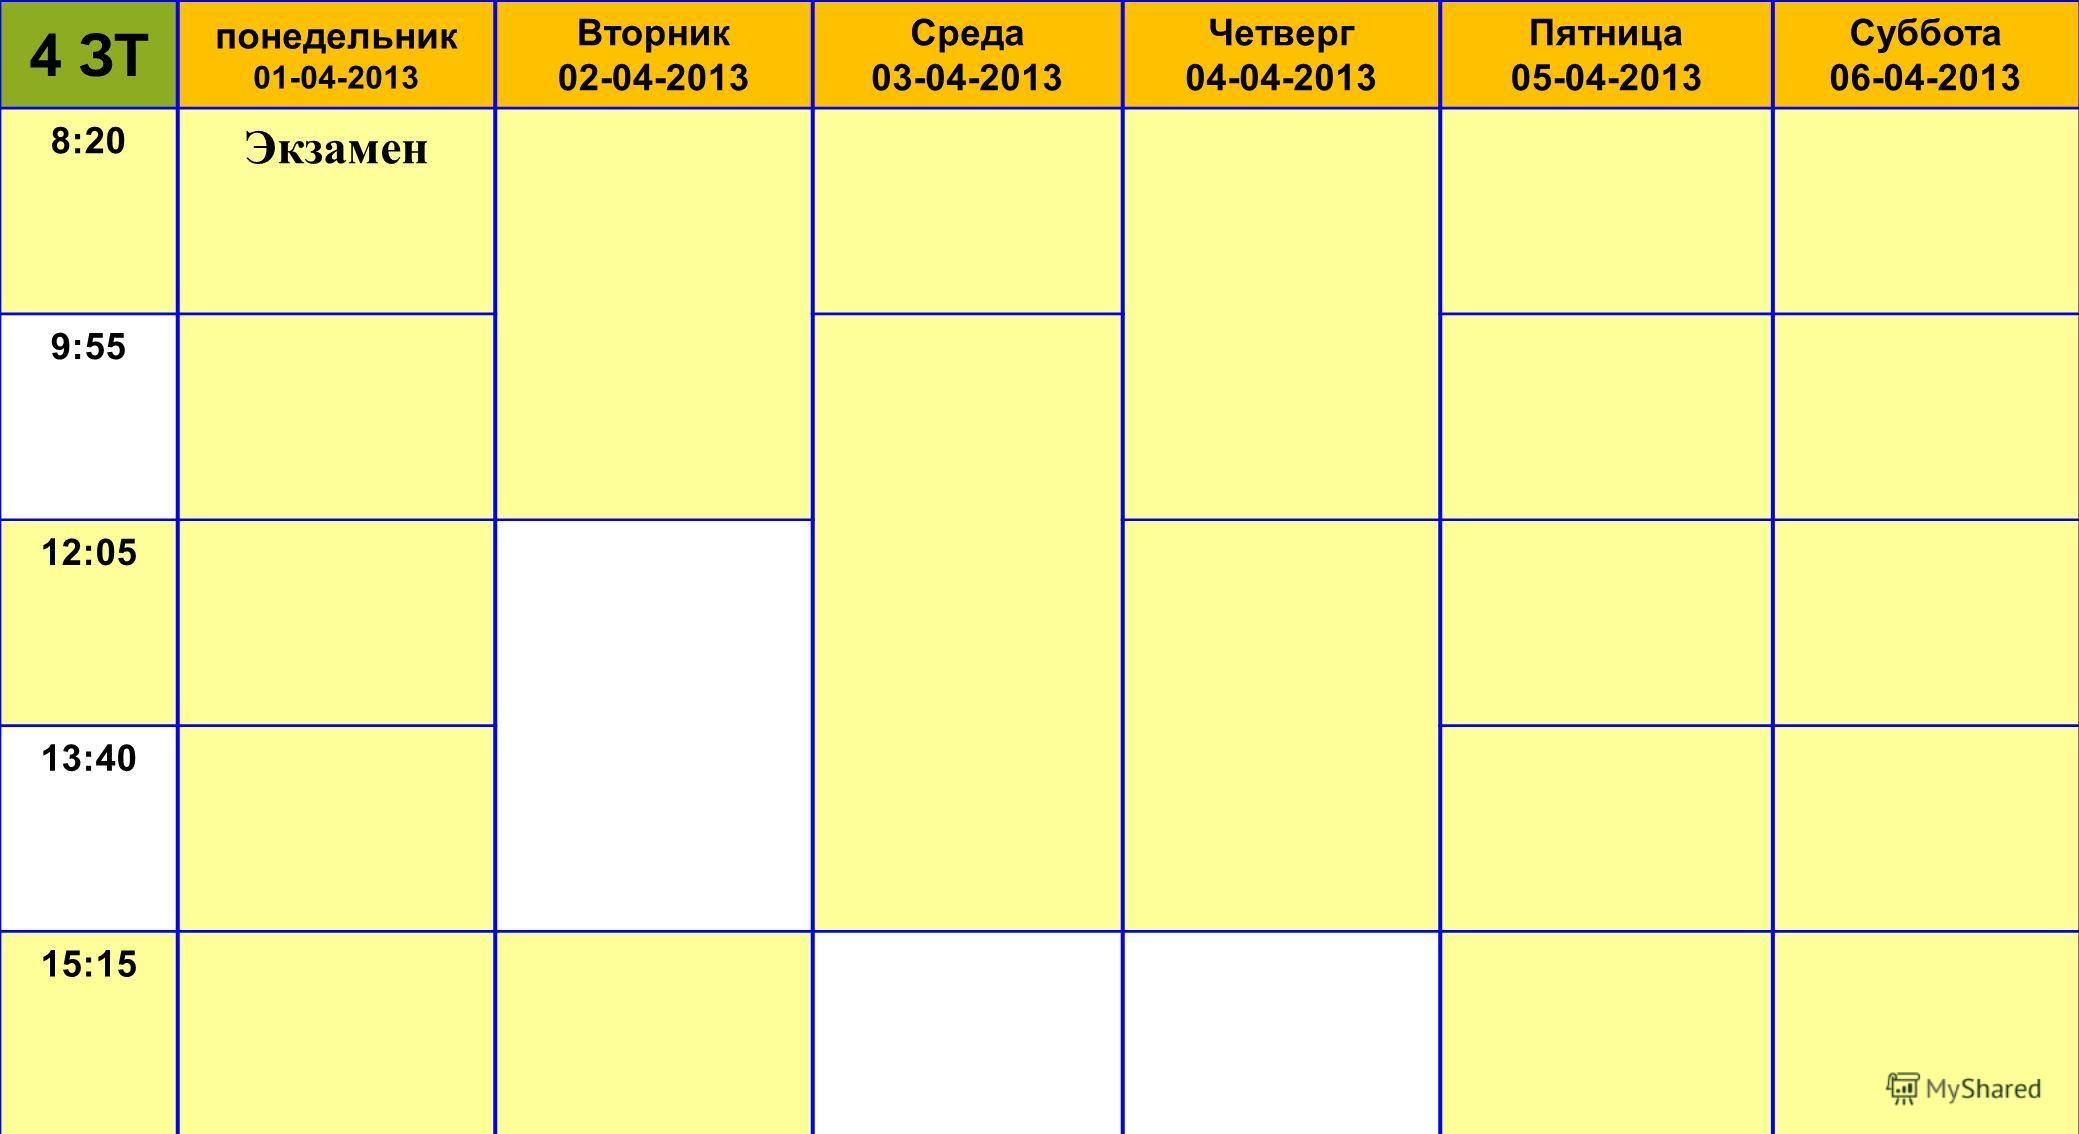 4 ЗТ понедельник 01-04-2013 Вторник 02-04-2013 Среда 03-04-2013 Четверг 04-04-2013 Пятница 05-04-2013 Суббота 06-04-2013 8:20 Экзамен 9:55 12:05 13:40 15:15